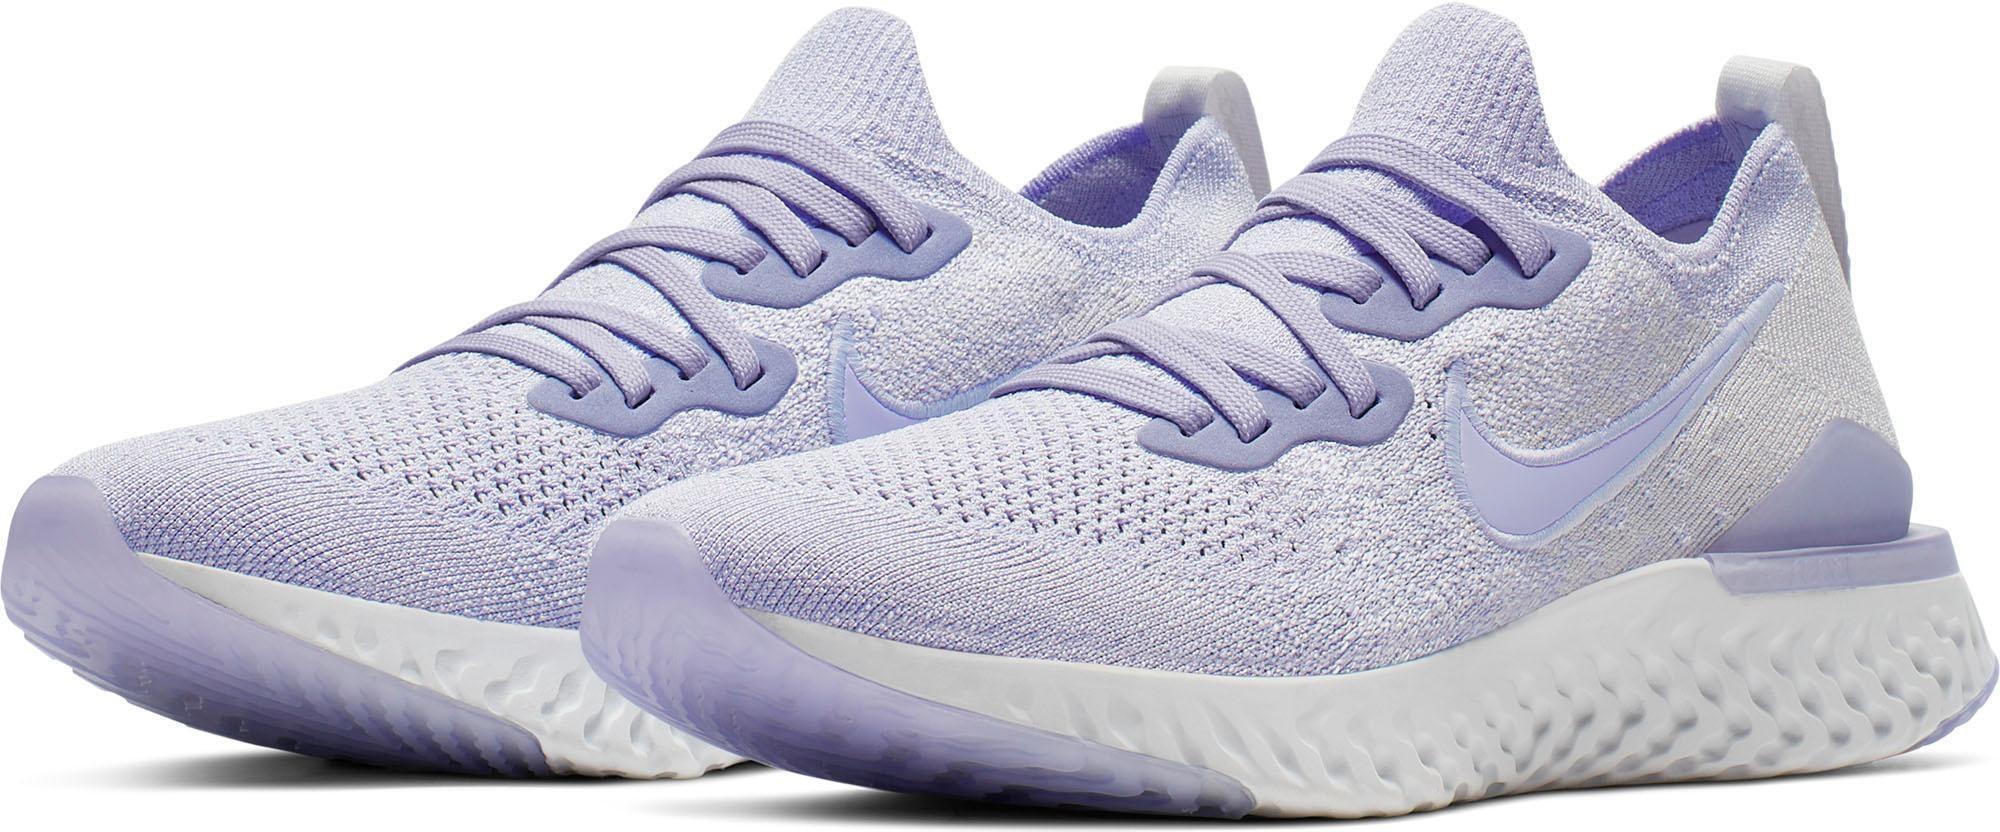 Nike Laufschuh Wmns Epic React Flyknit 2 | Schuhe > Sportschuhe > Laufschuhe | Nike